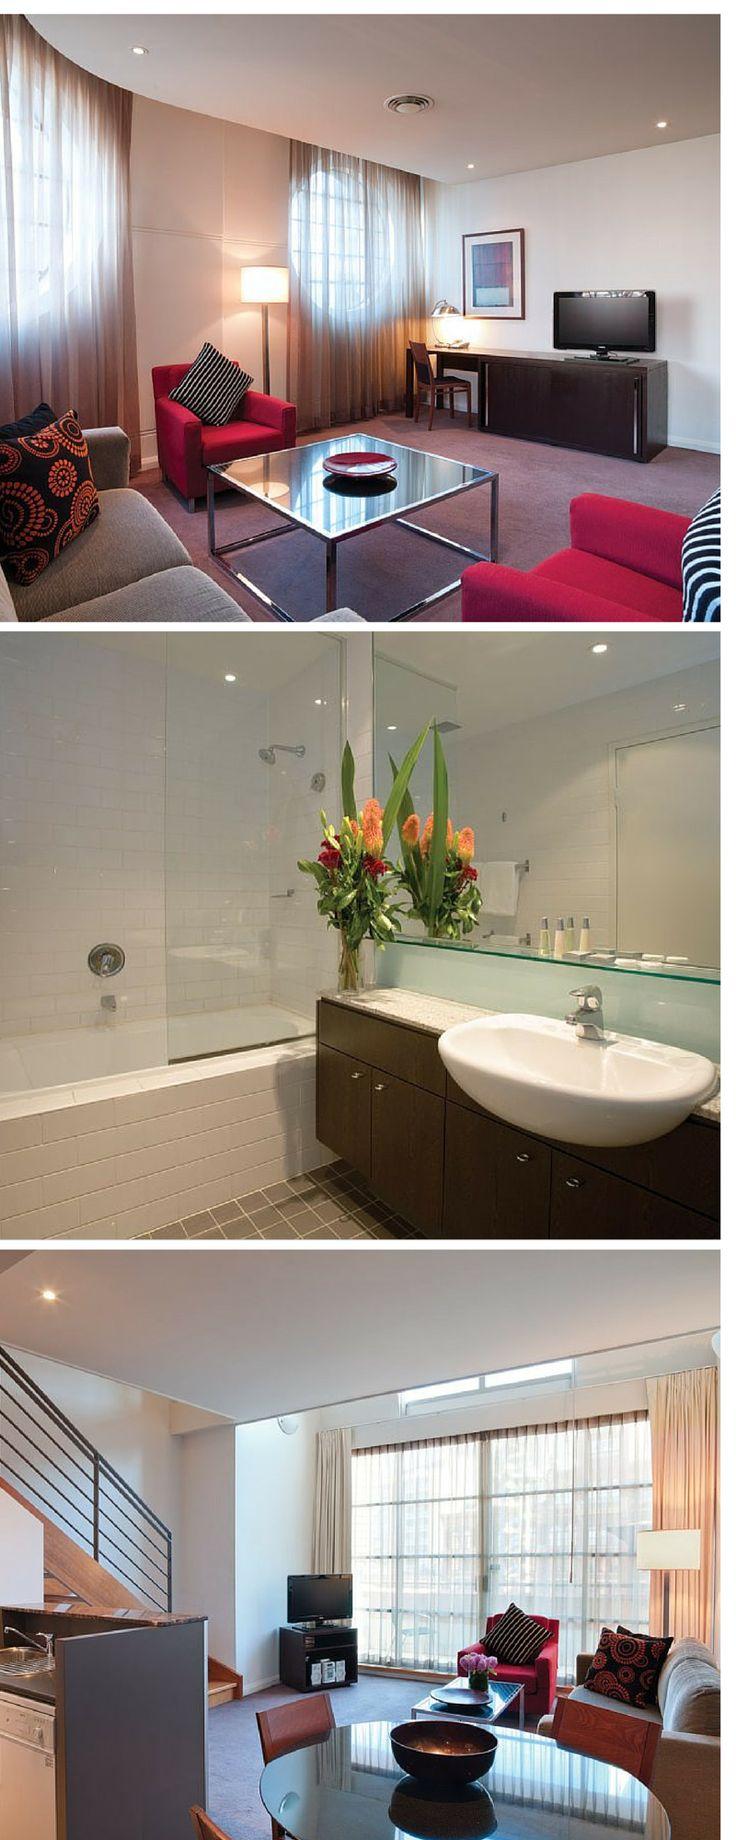 Where To Stay In Sydney Sydney hotel, Hotel, Luxury hotel